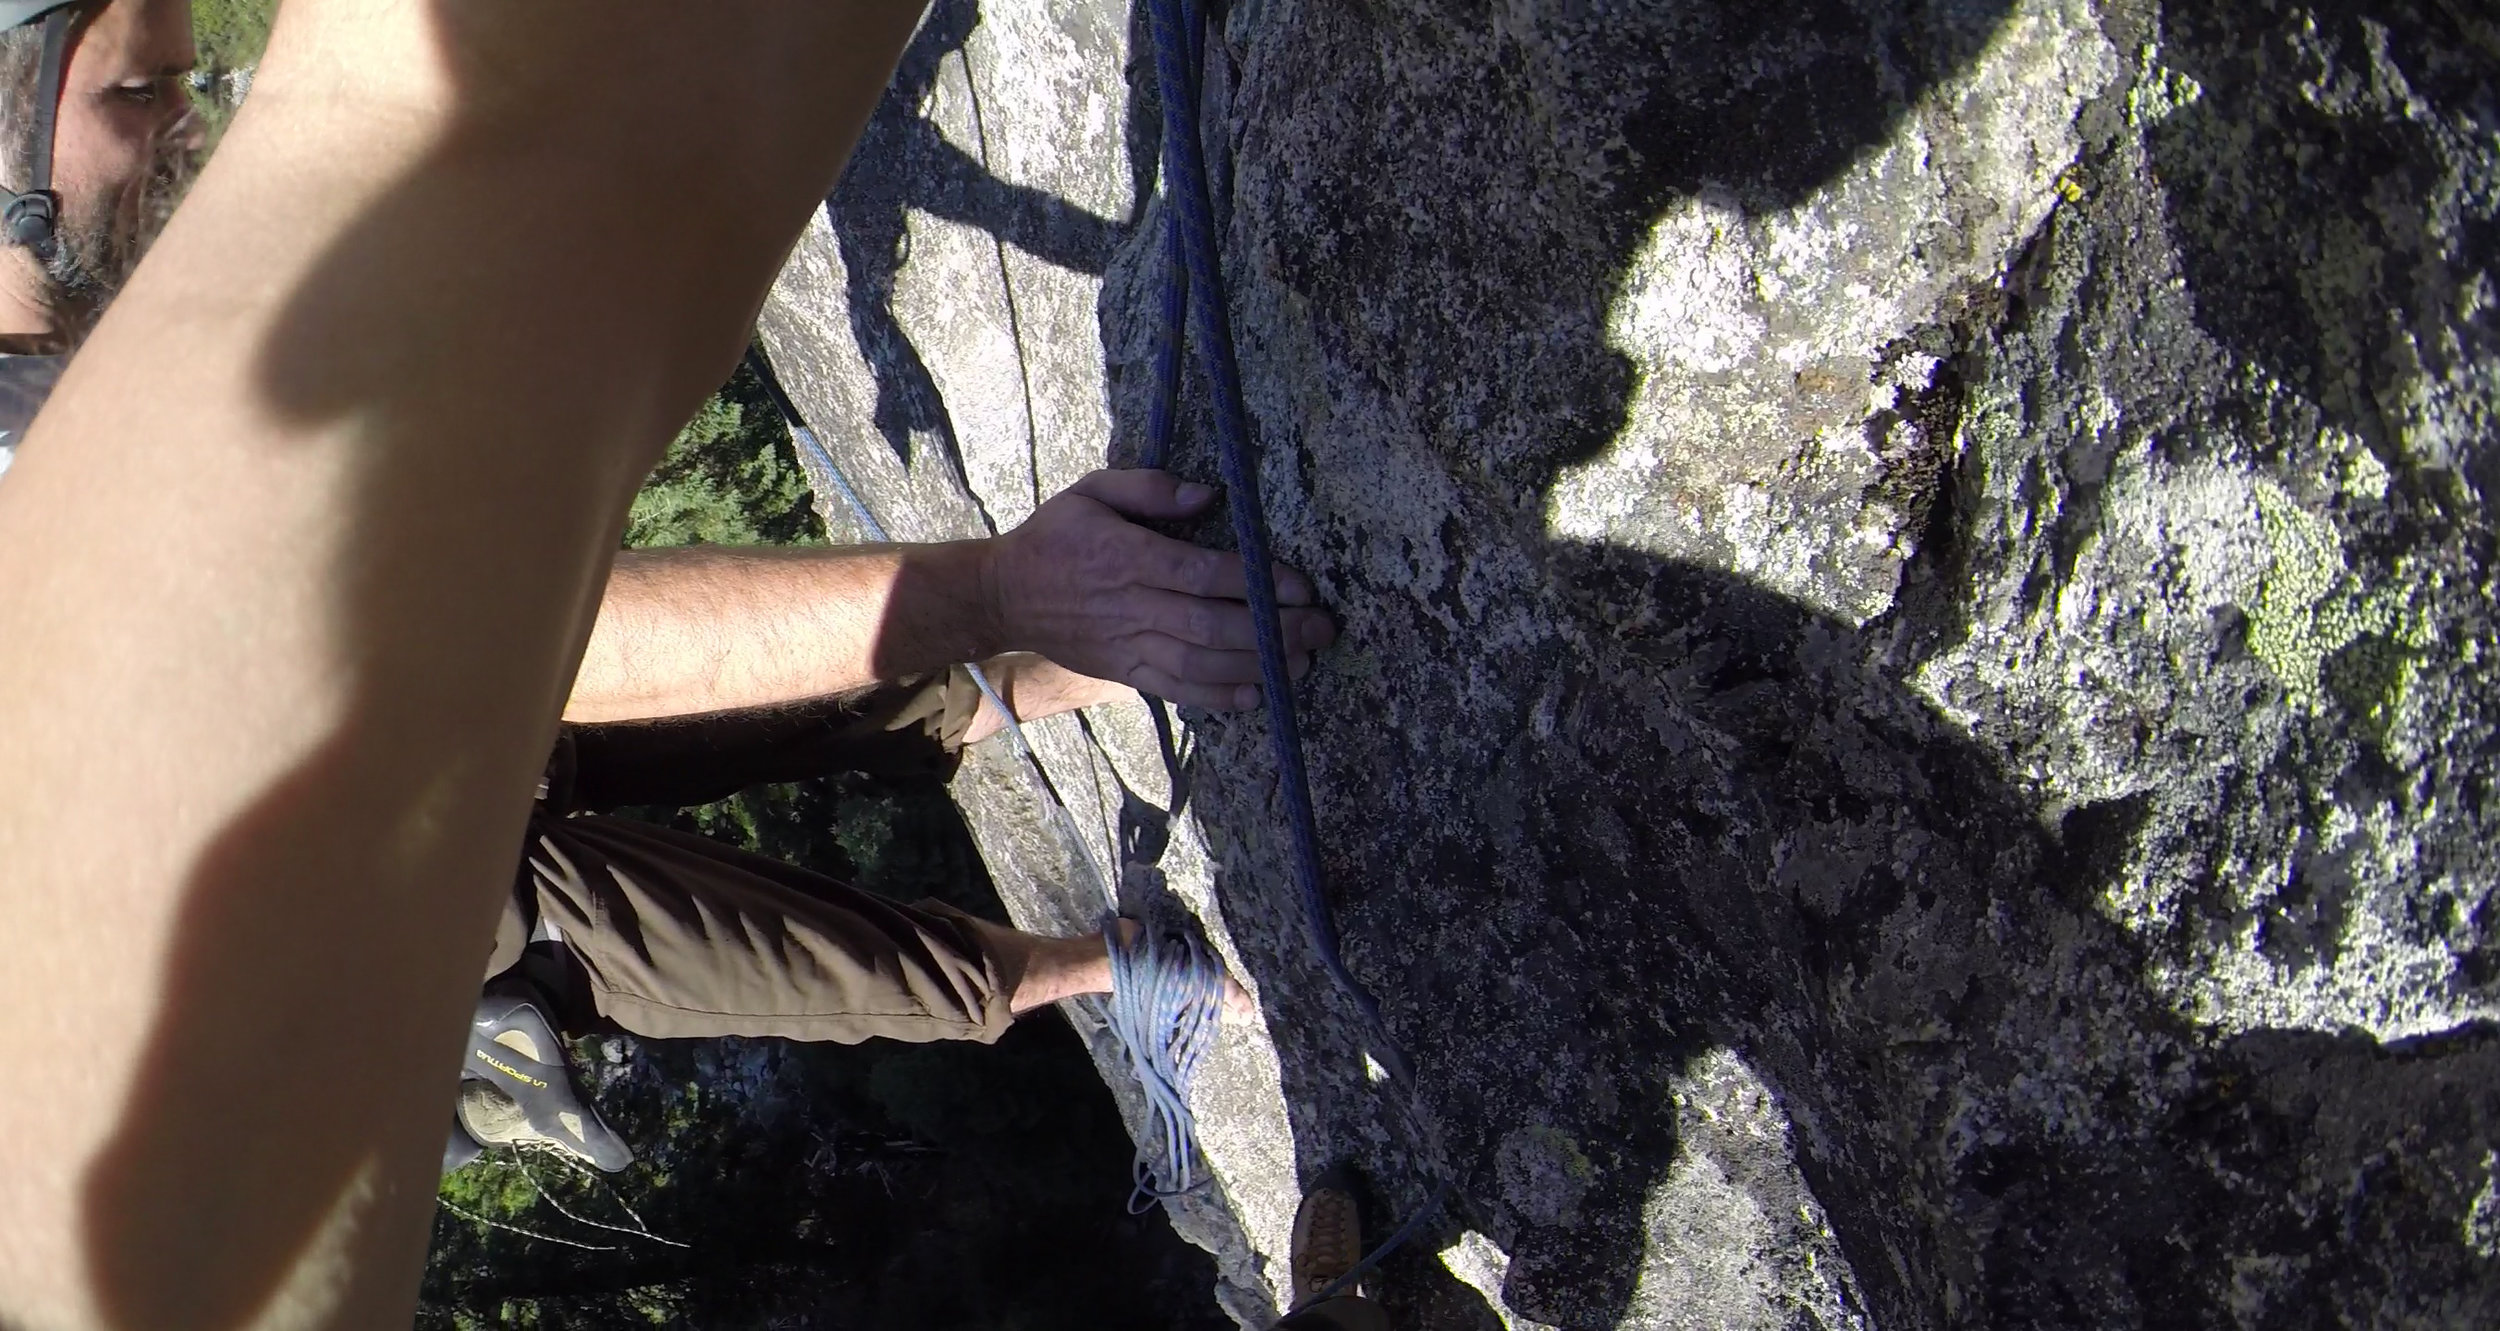 vlcsnap-2015-10-11-21h03m50s208.jpg